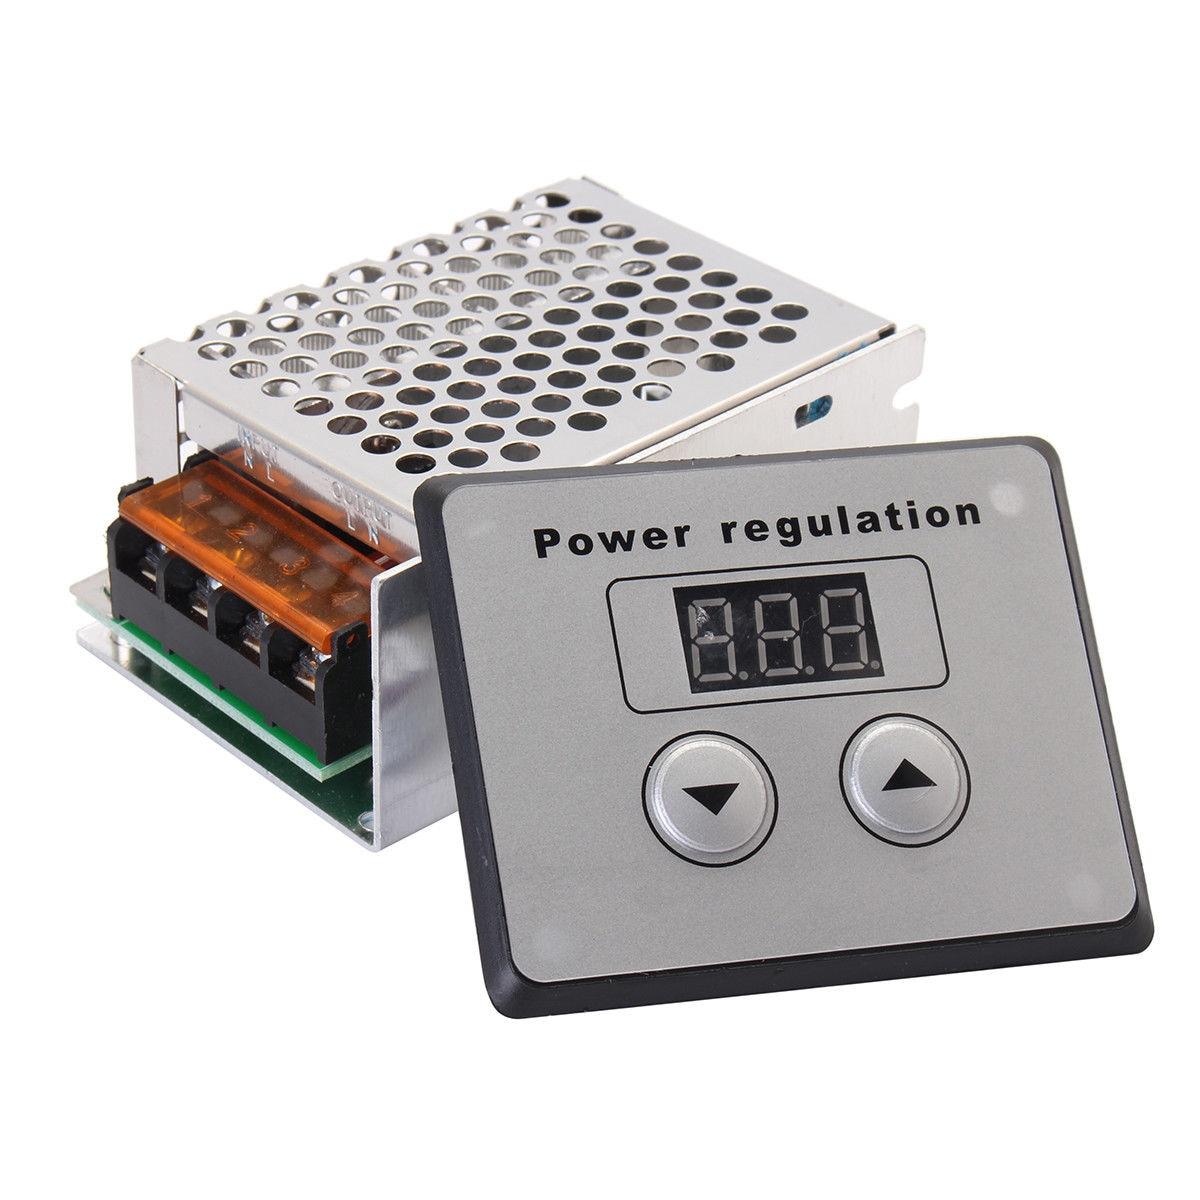 Regulador de potencia de voltaje AC SCR atenuador 4000 W 220 V controlador de temperatura de velocidad del Motor eléctrico para el calentador de agua del horno eléctrico